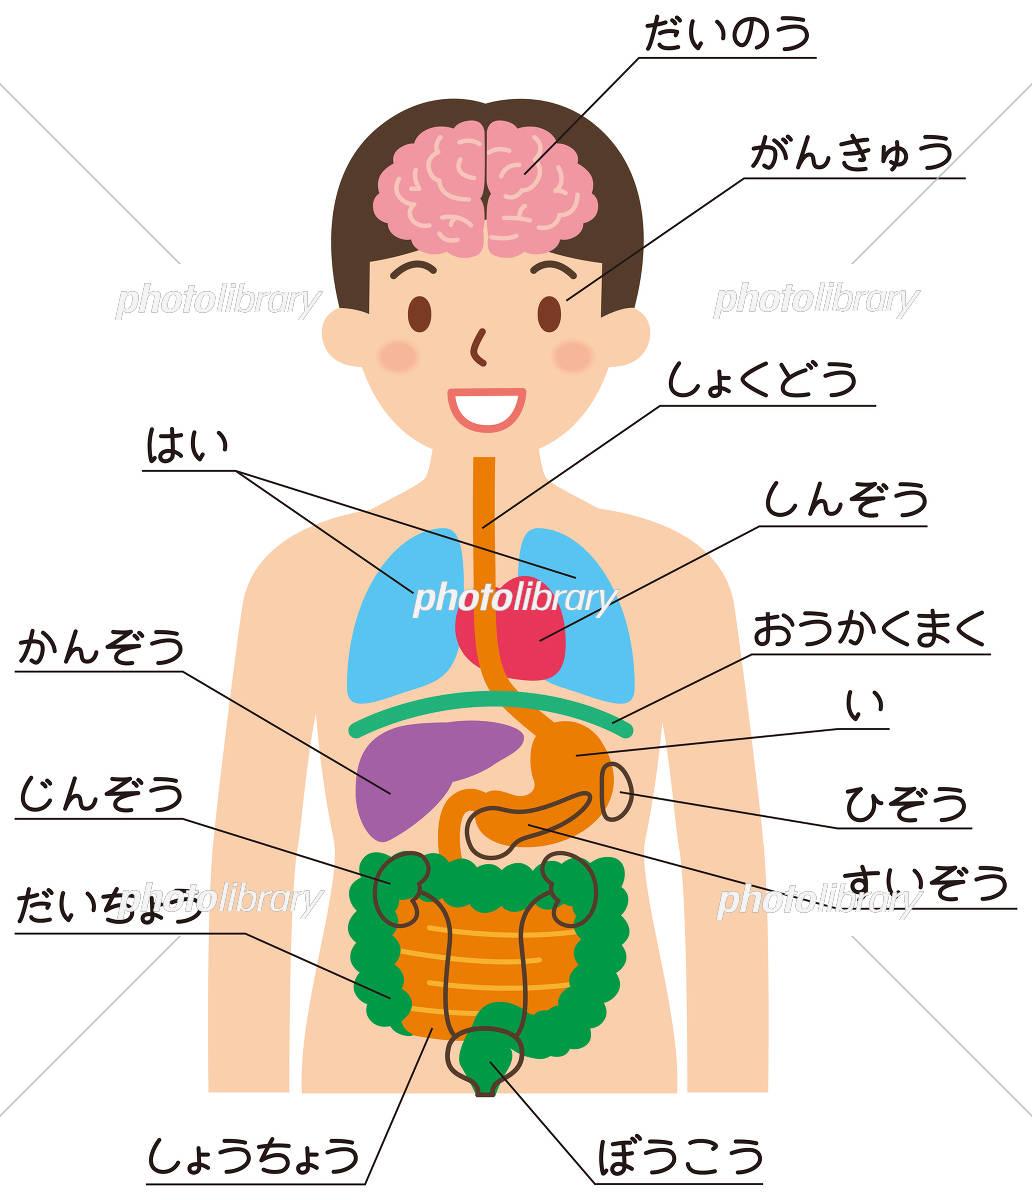 内臓の名前一覧 イラスト素材 5407099 フォトライブラリー